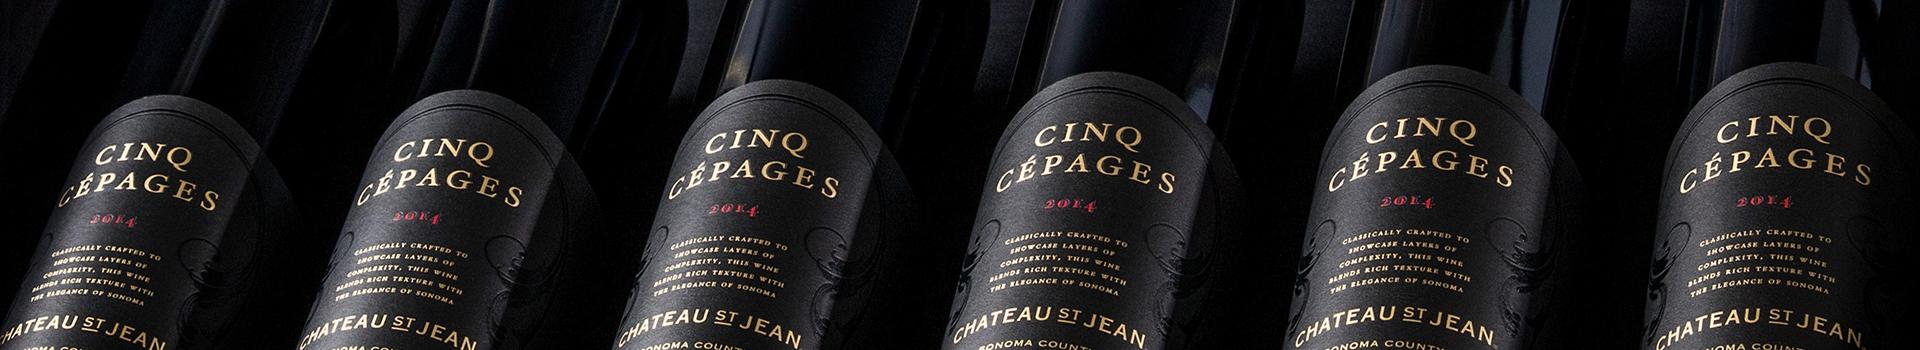 Chateau St. Jean Cinq Cépages